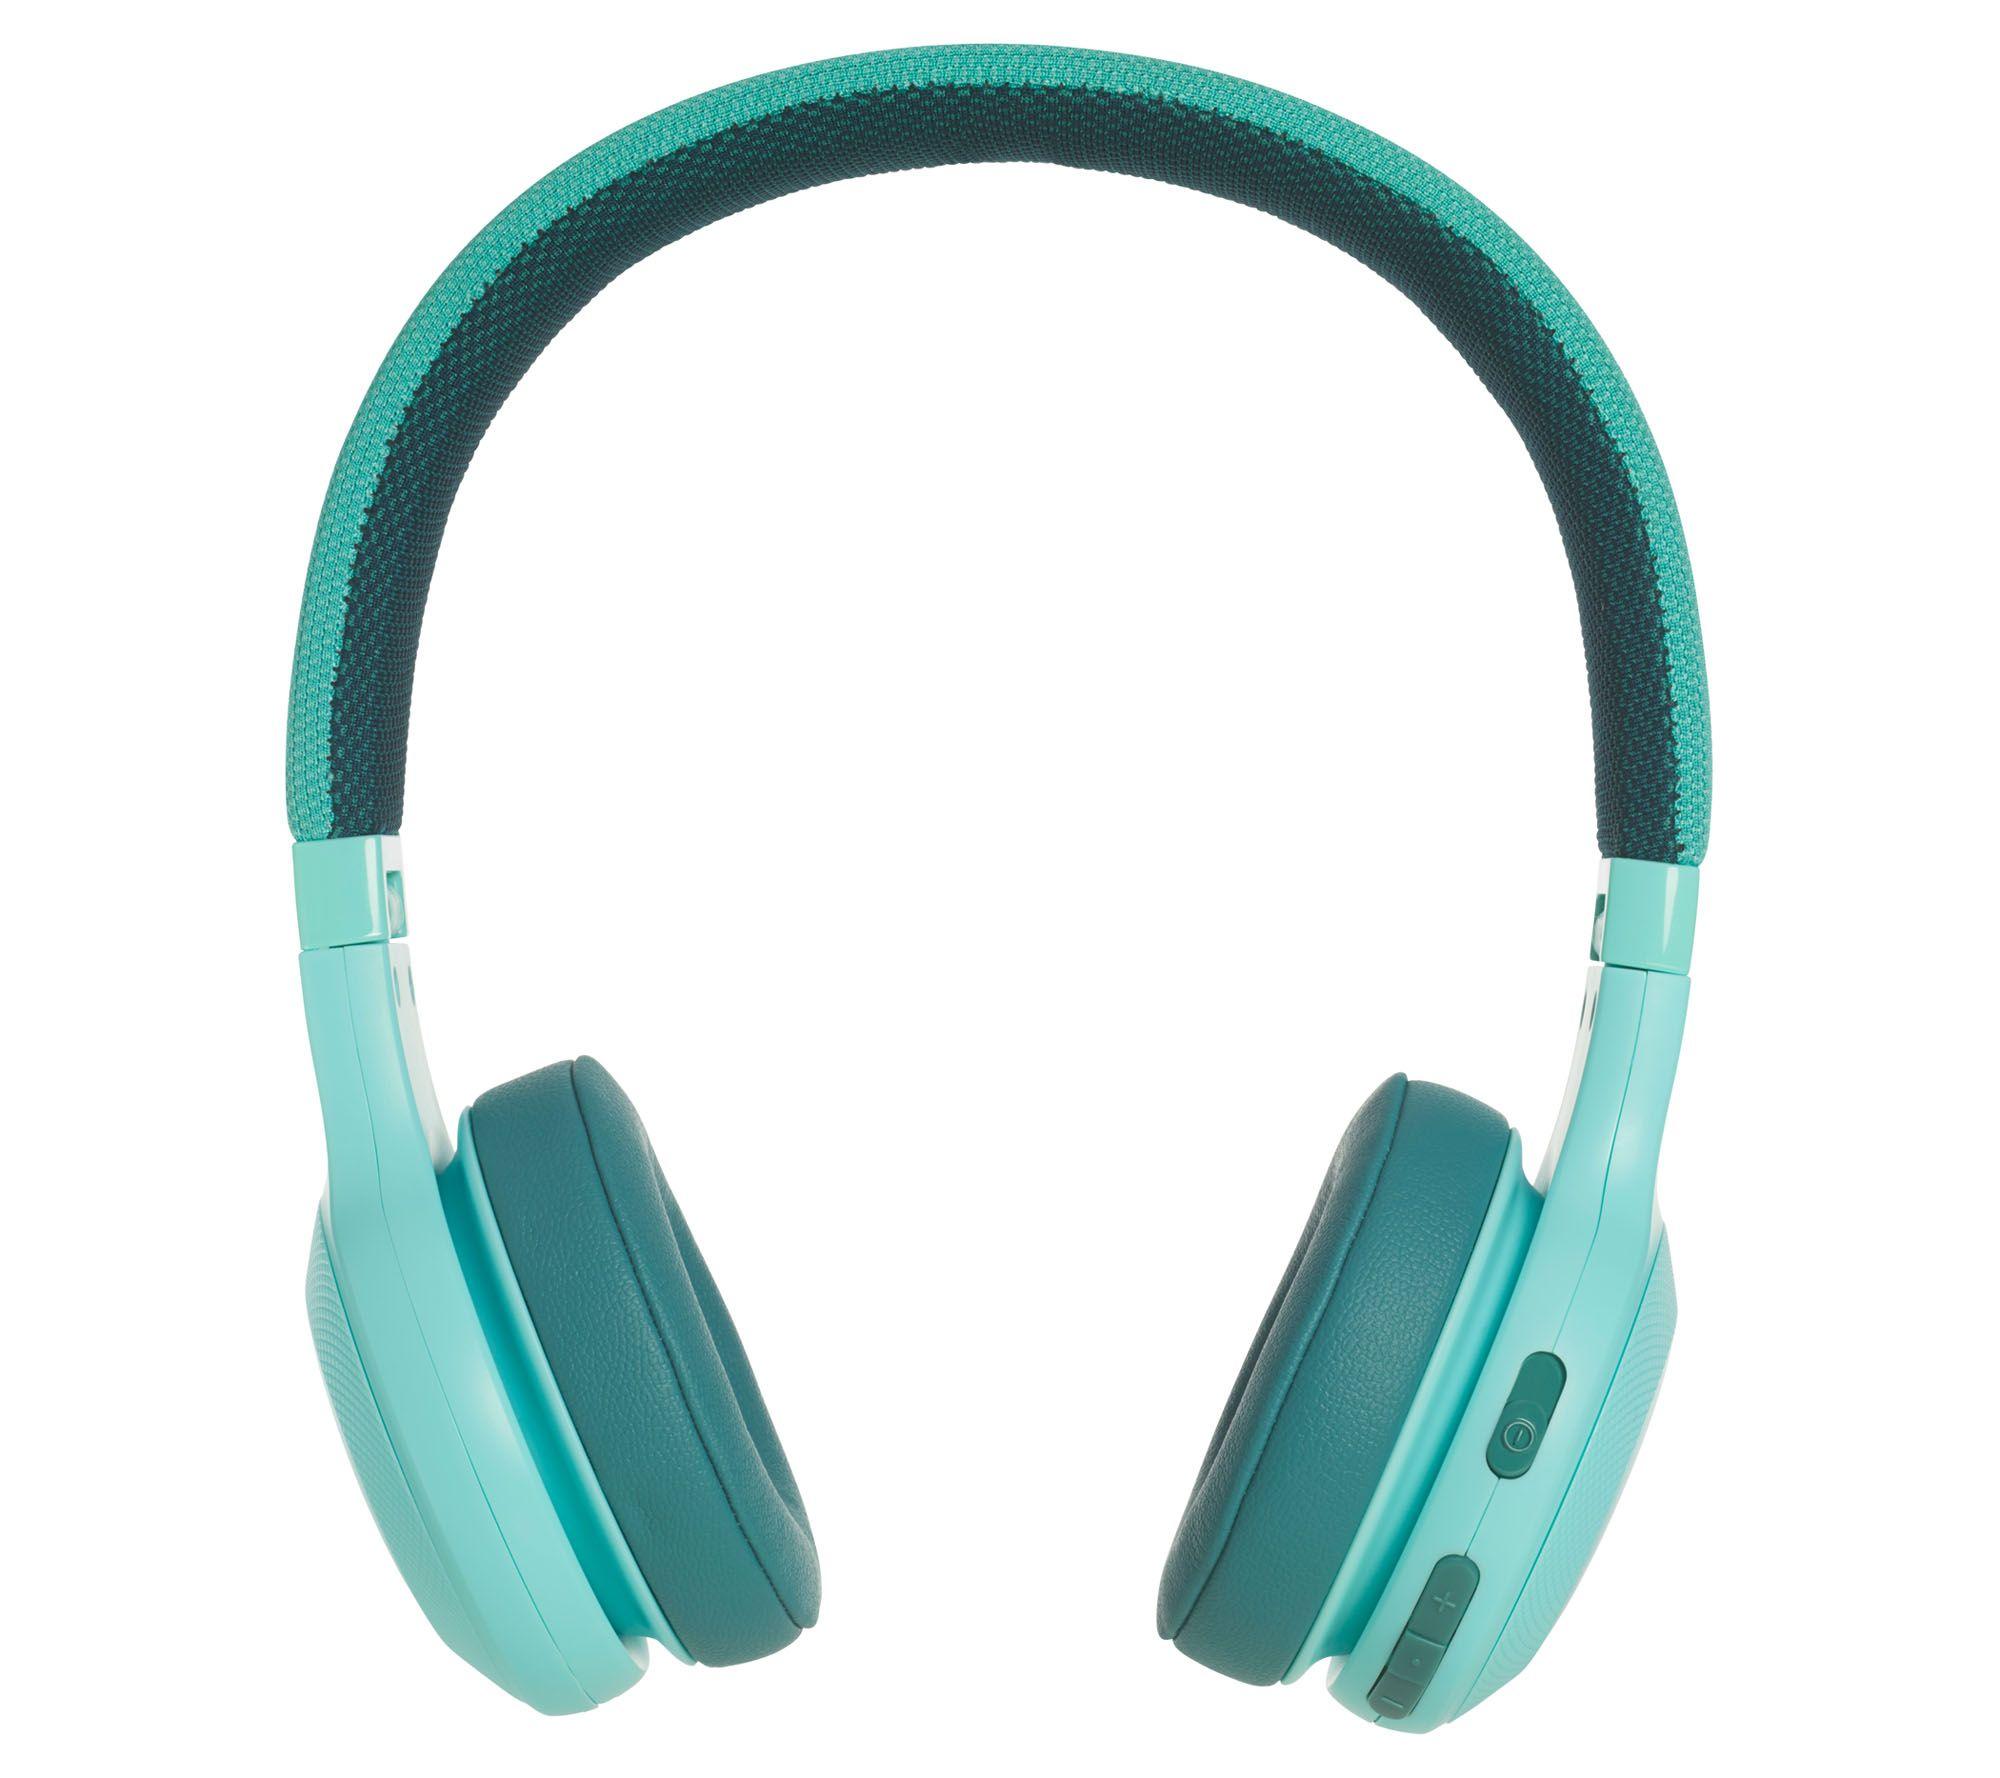 11bcbf24f16 JBL E45BT Wireless On-Ear Headphones - Page 1 — QVC.com